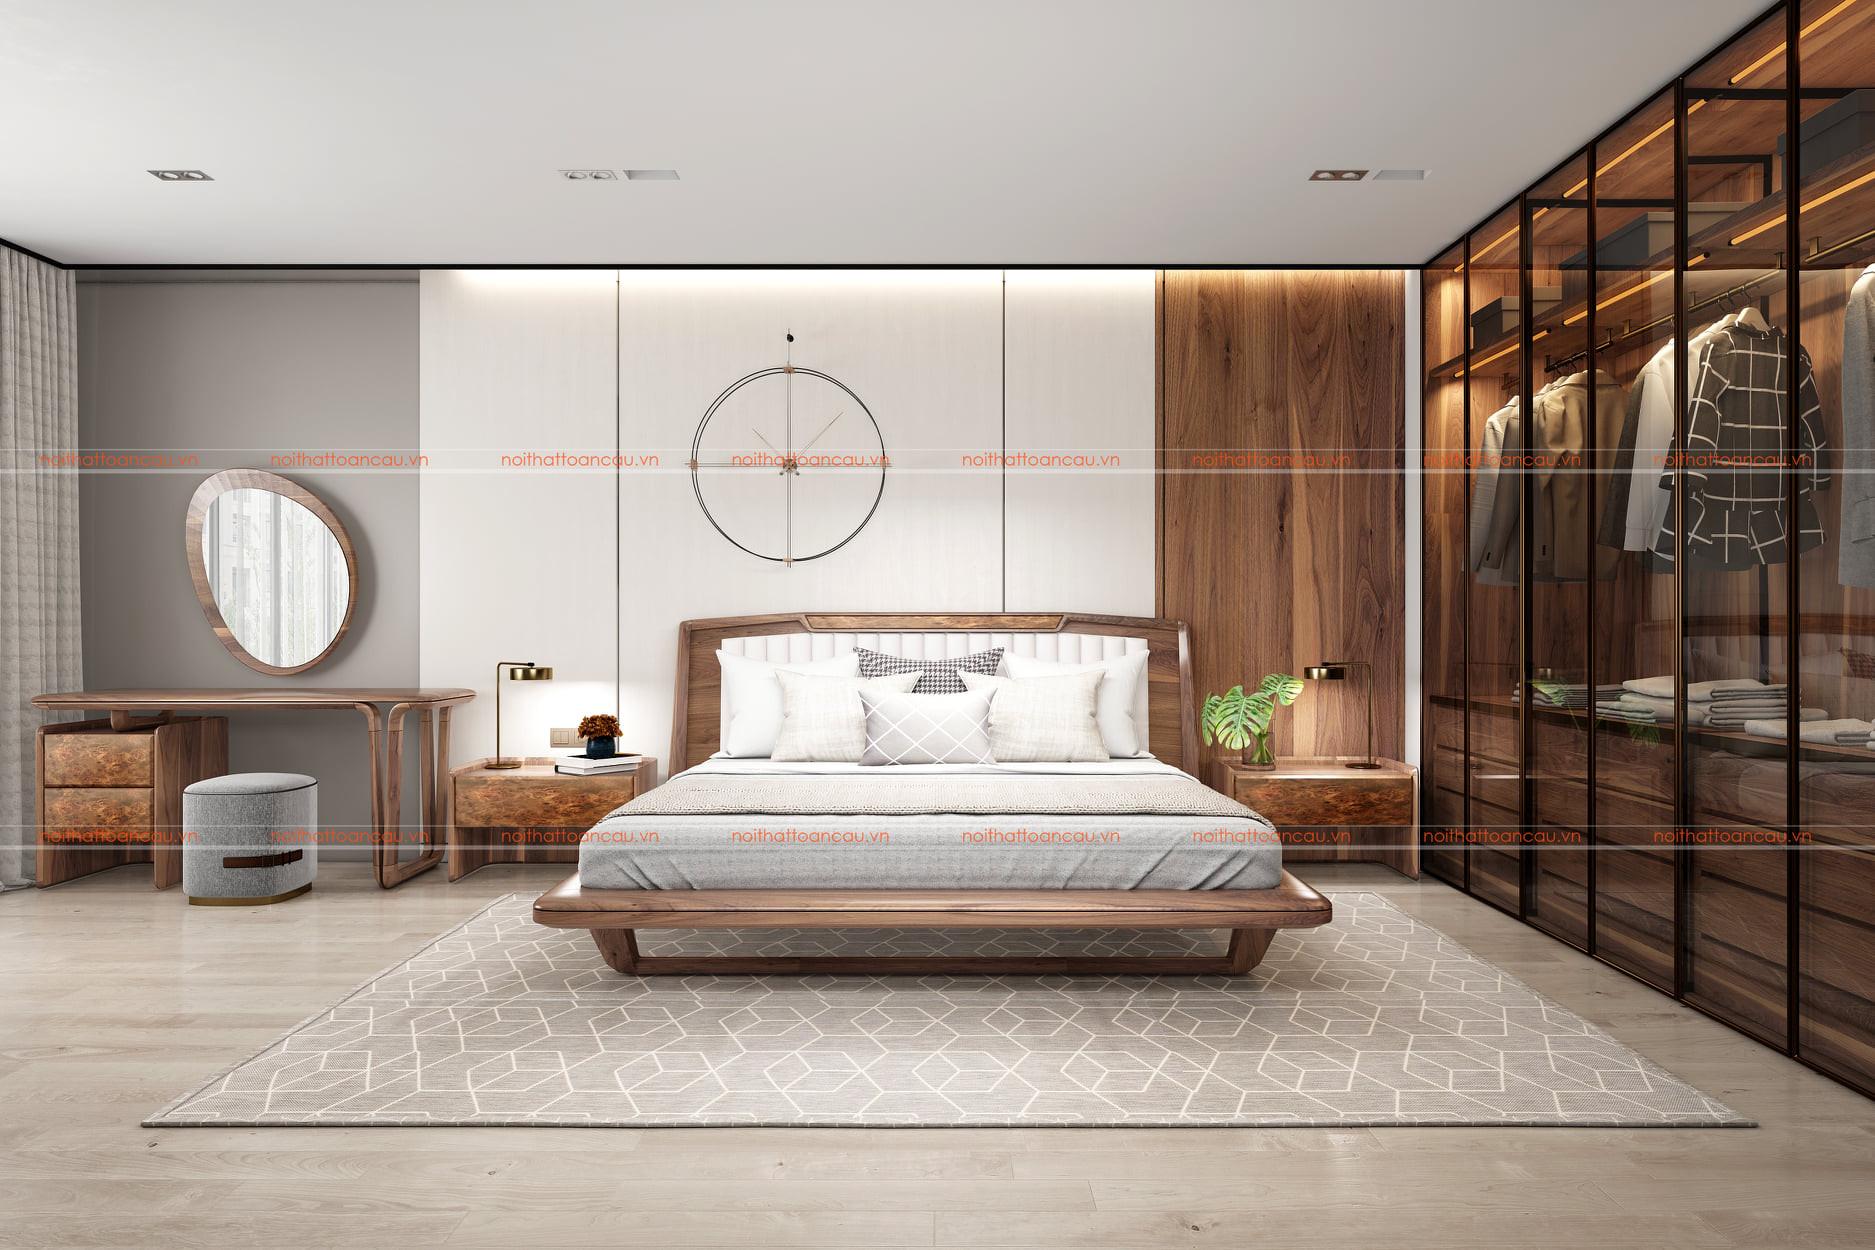 Thiết kế nội thất phòng ngủ bằng gỗ óc chó tự nhiên